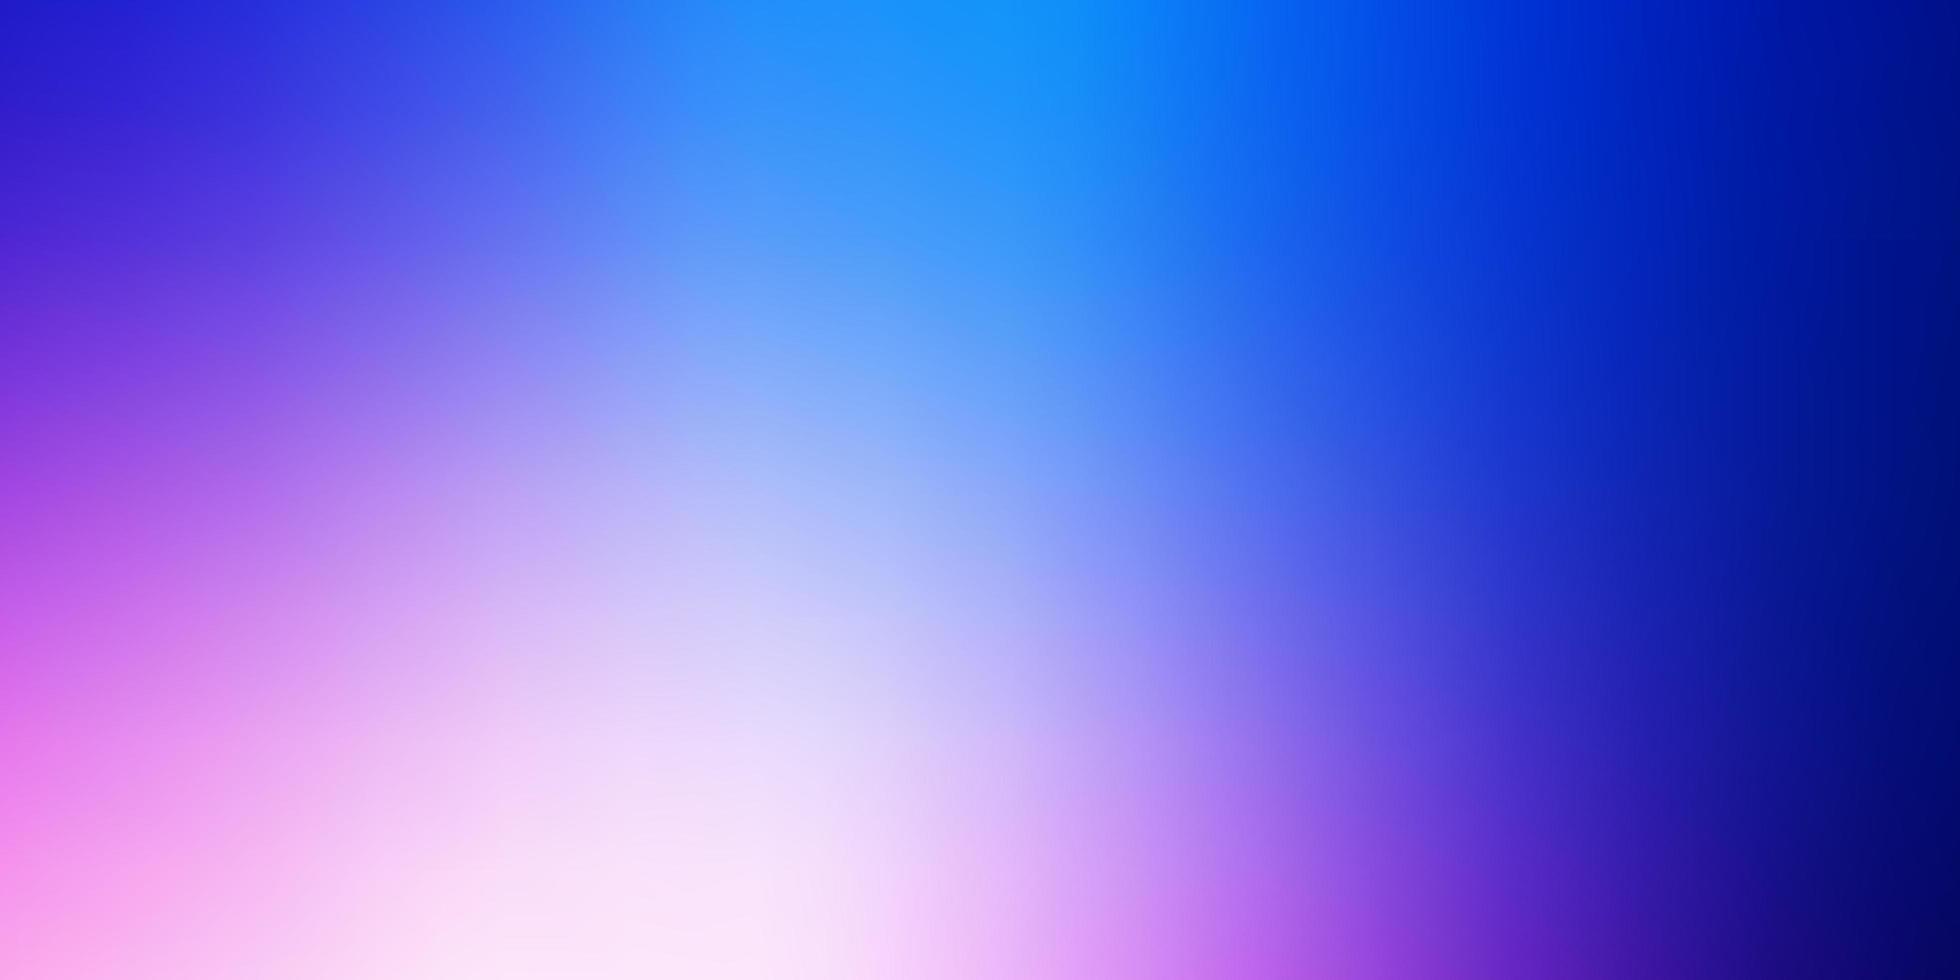 ljusrosa, blå vektor suddig färgglatt mönster.